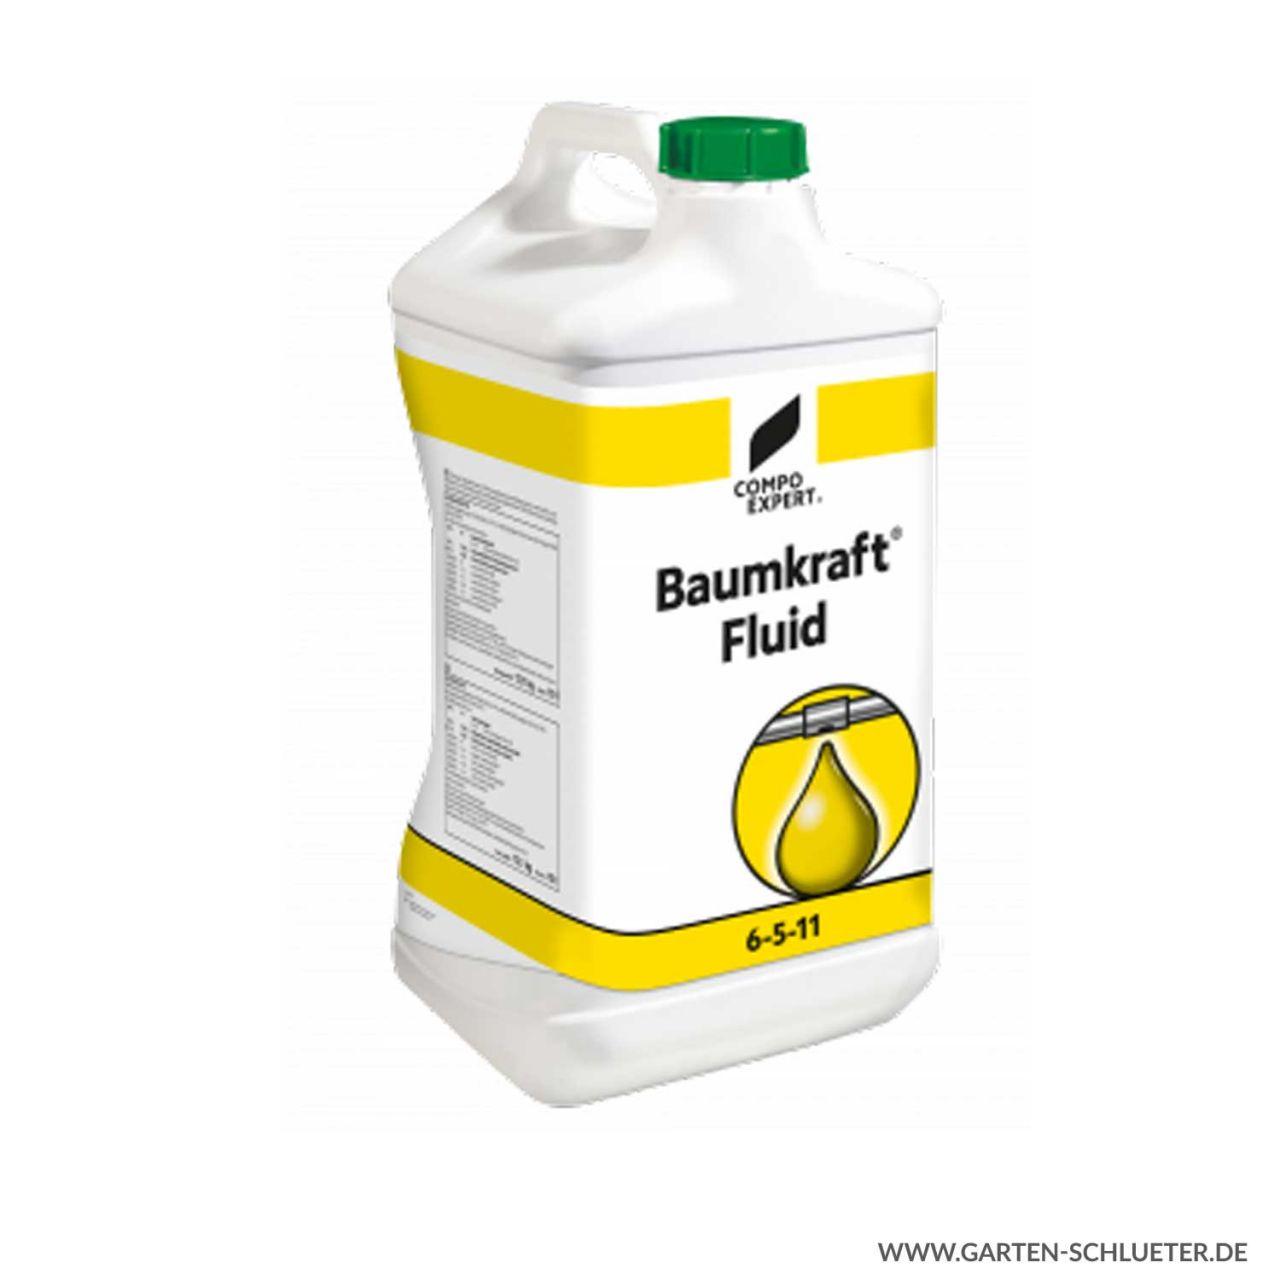 Flüssig Kaliumdünger - Compo Expert® Baumkraft® Fluid 6-5-11 - 10 Liter